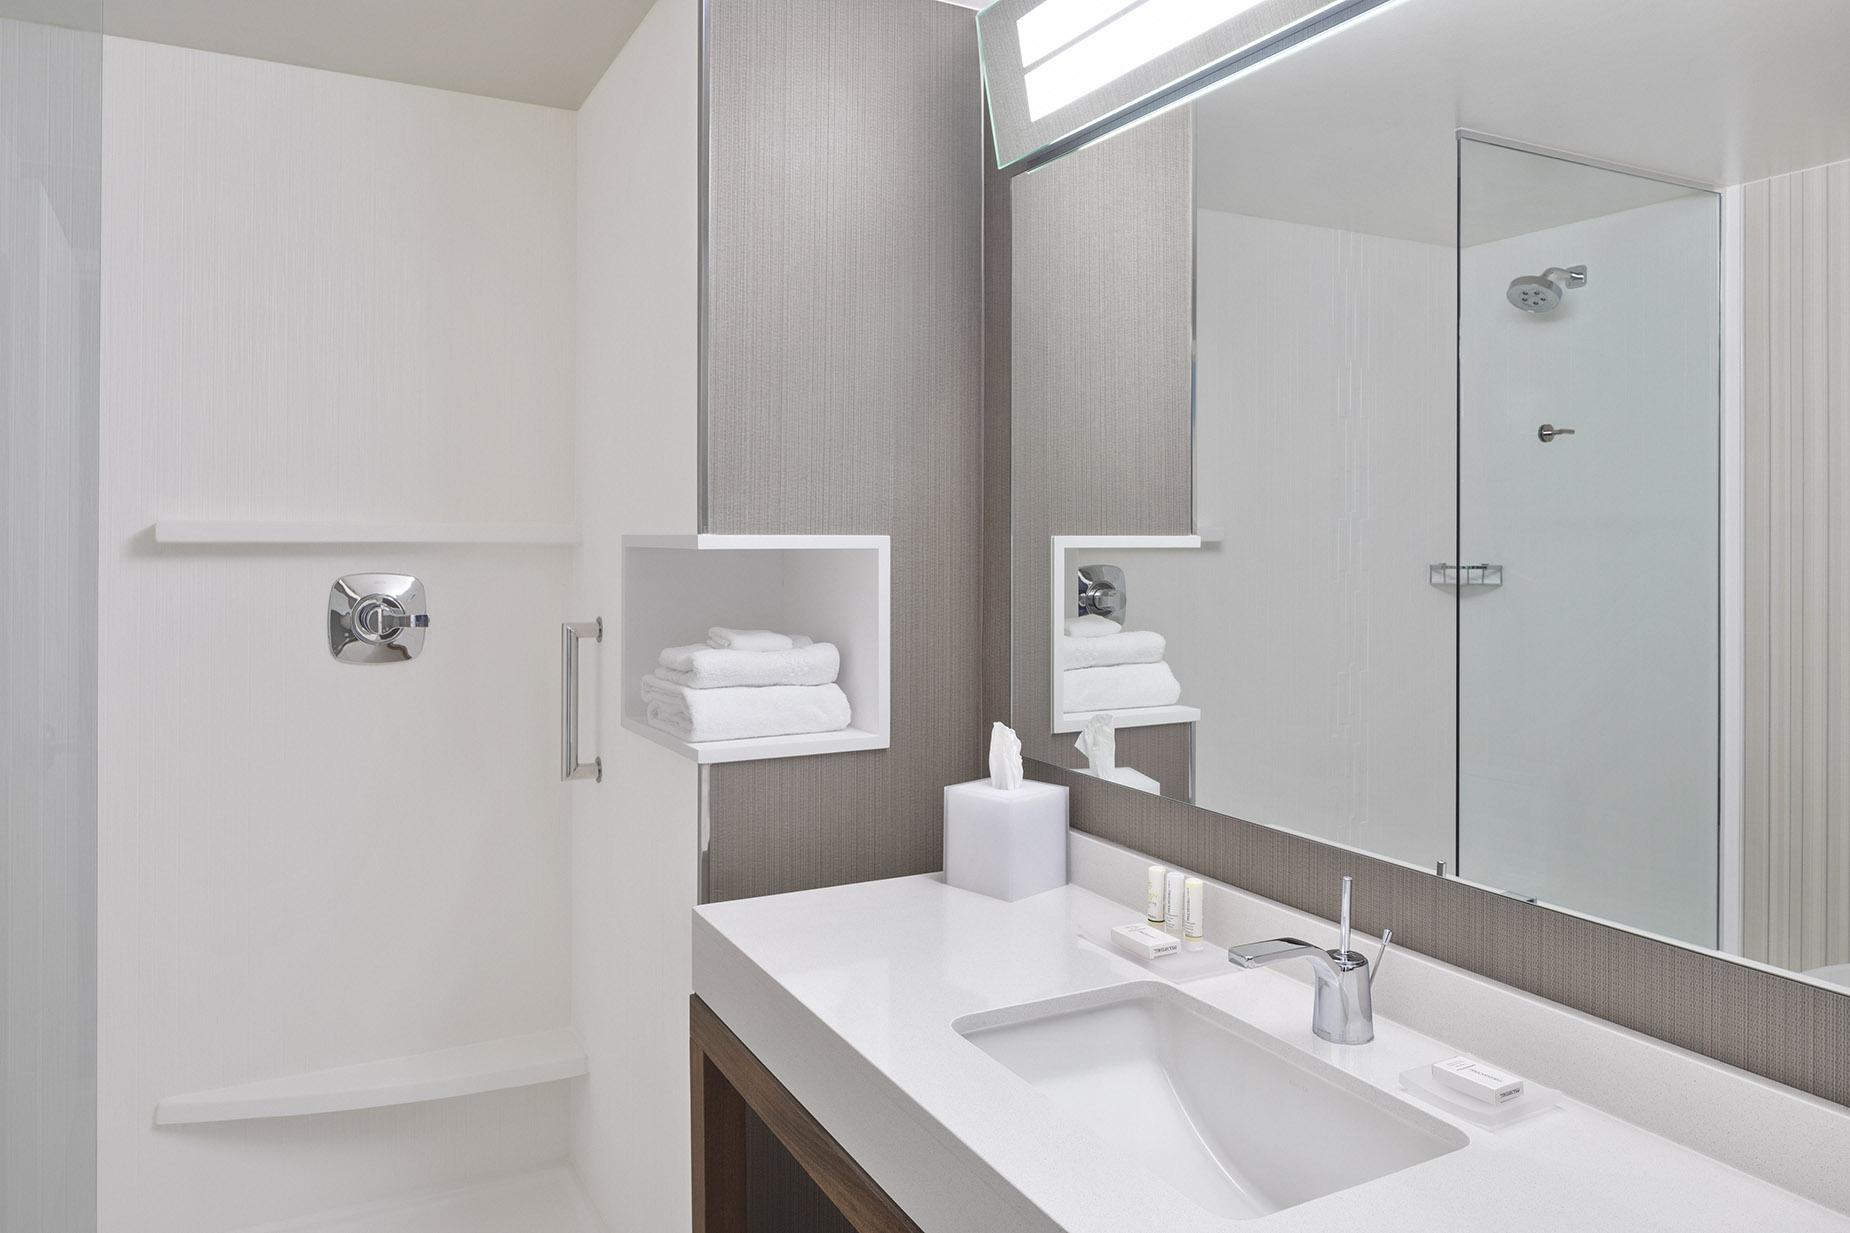 CY_ALBTY_Guest_Bathroom.jpg